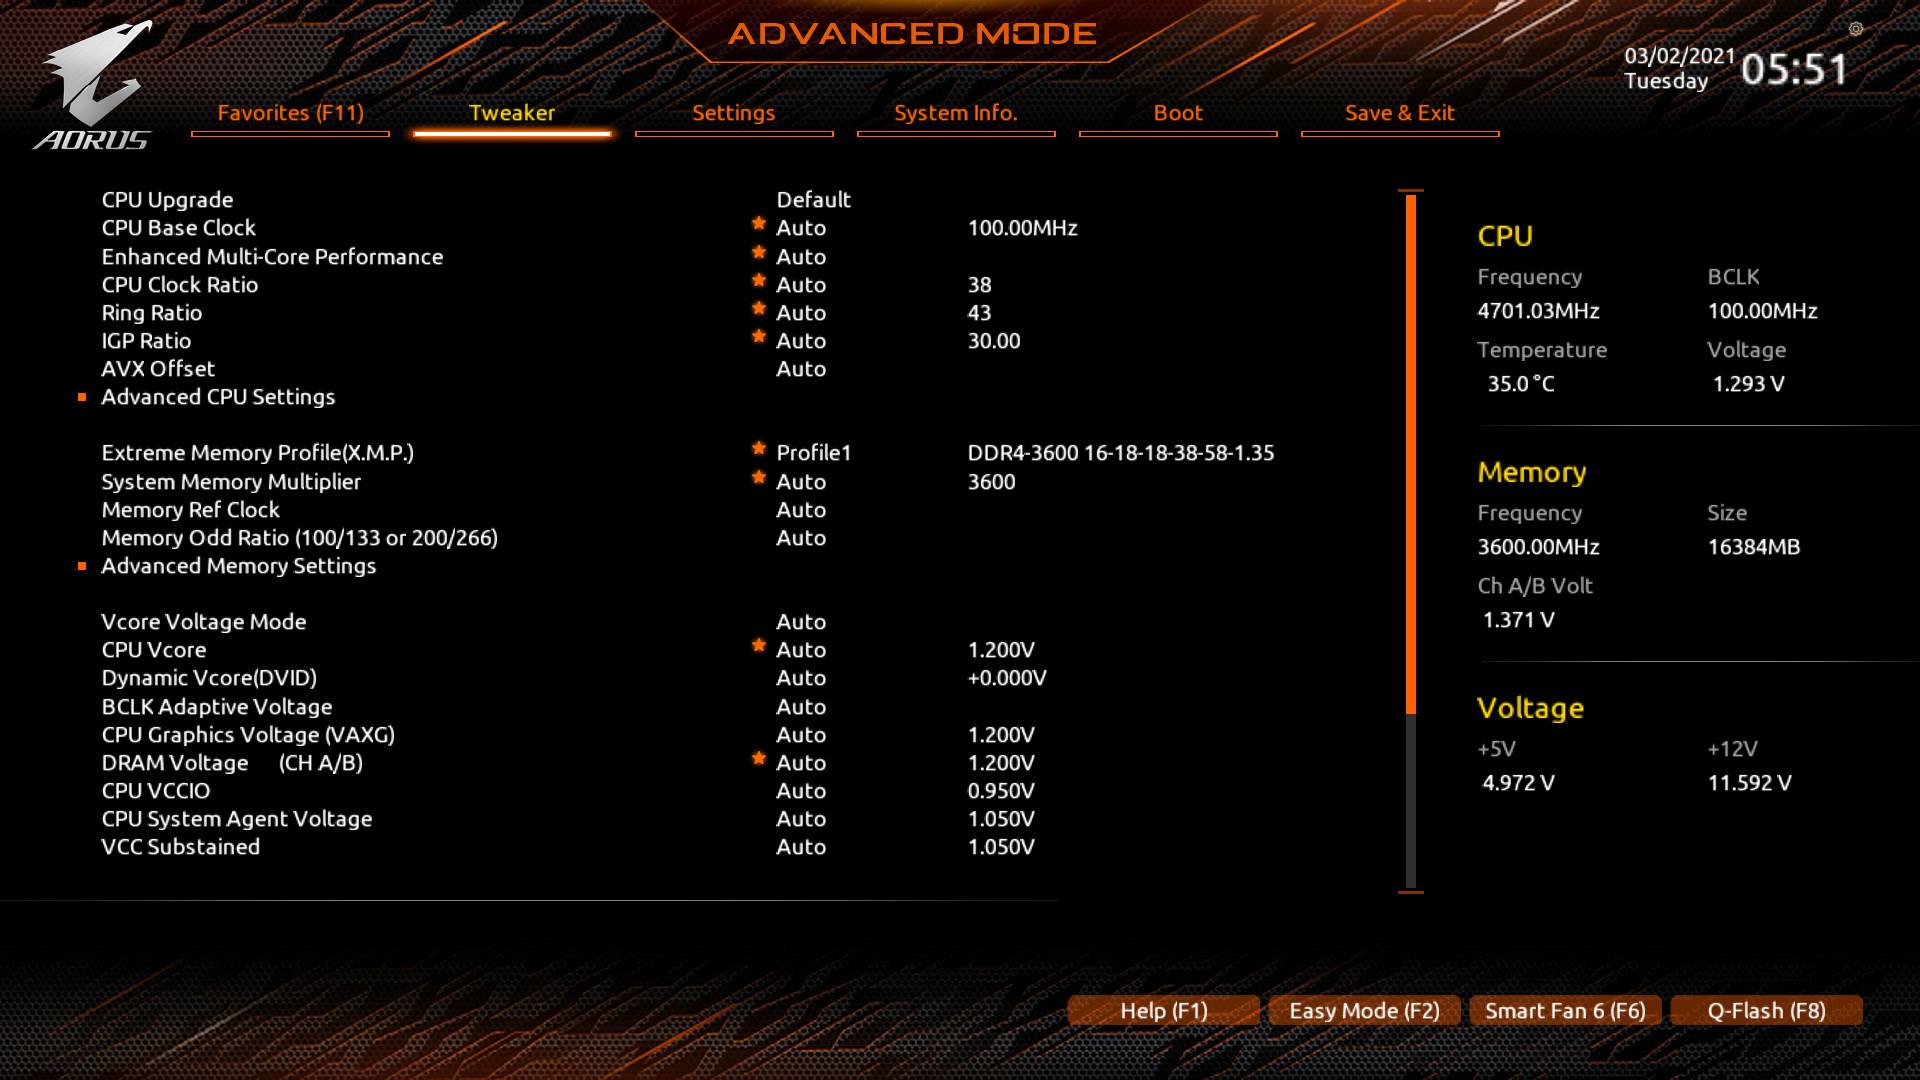 Z590I BIOS 210302055155